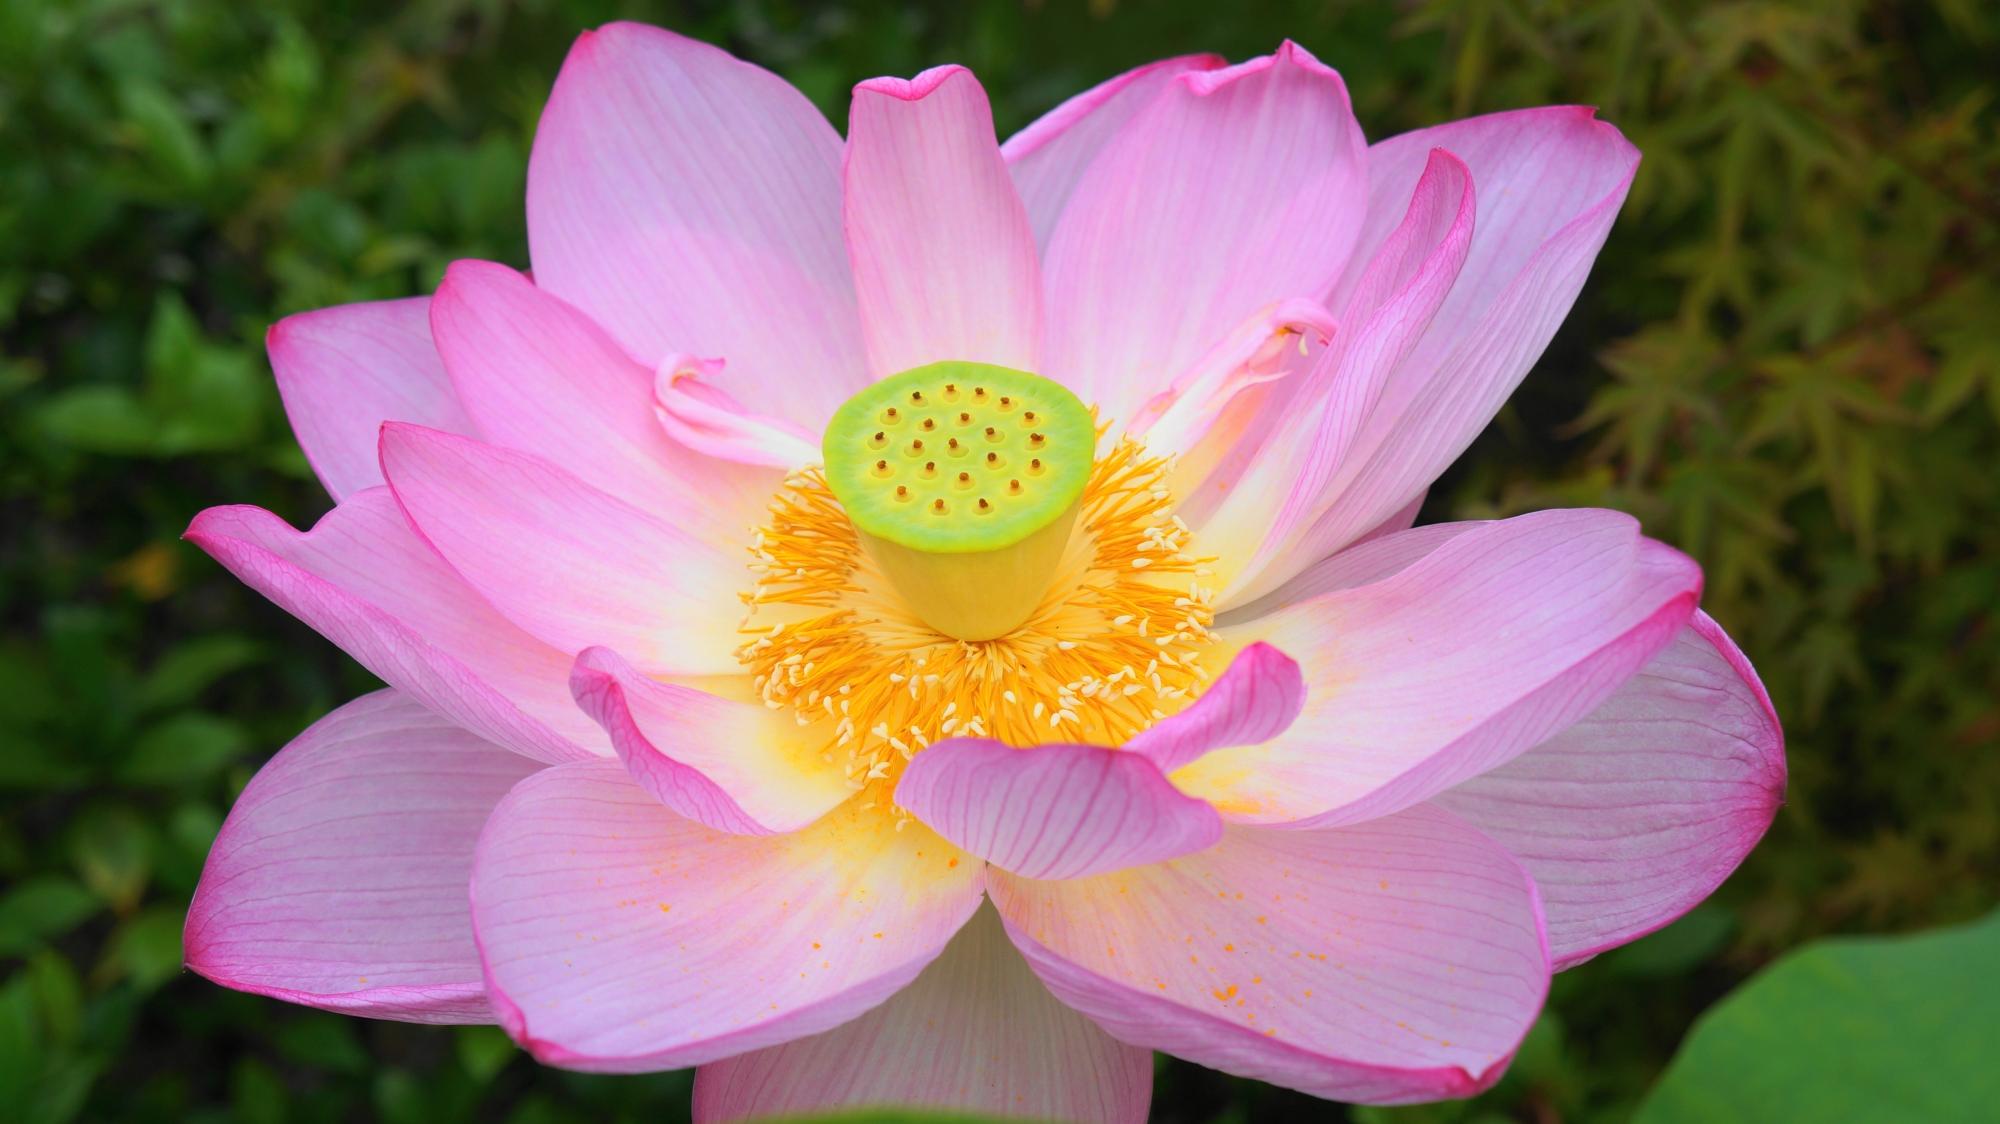 法金剛院の多様な緑を背景に咲き誇るピンクの蓮の花